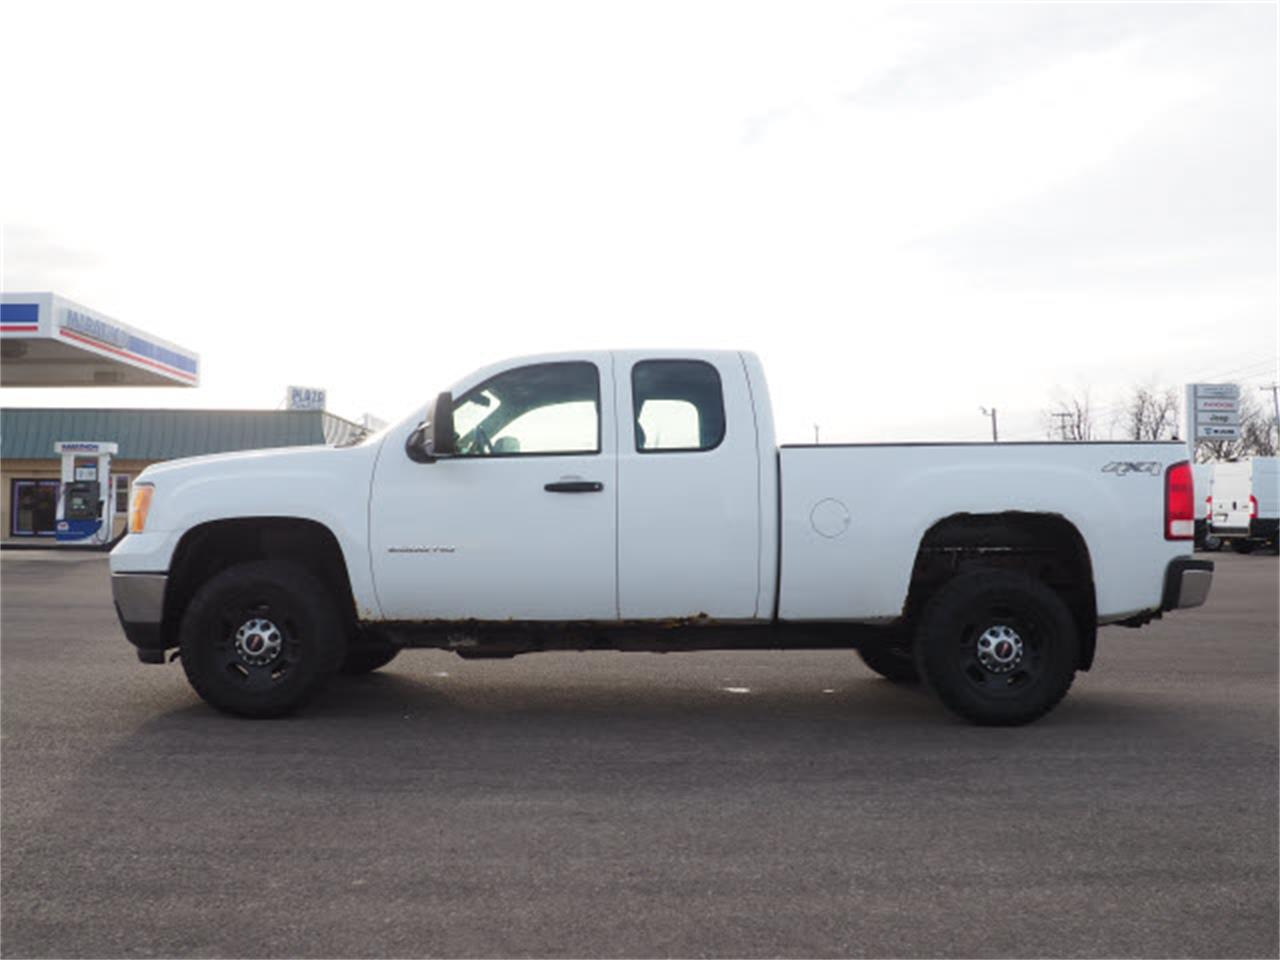 2011 GMC 2500 (CC-1327586) for sale in Marysville, Ohio